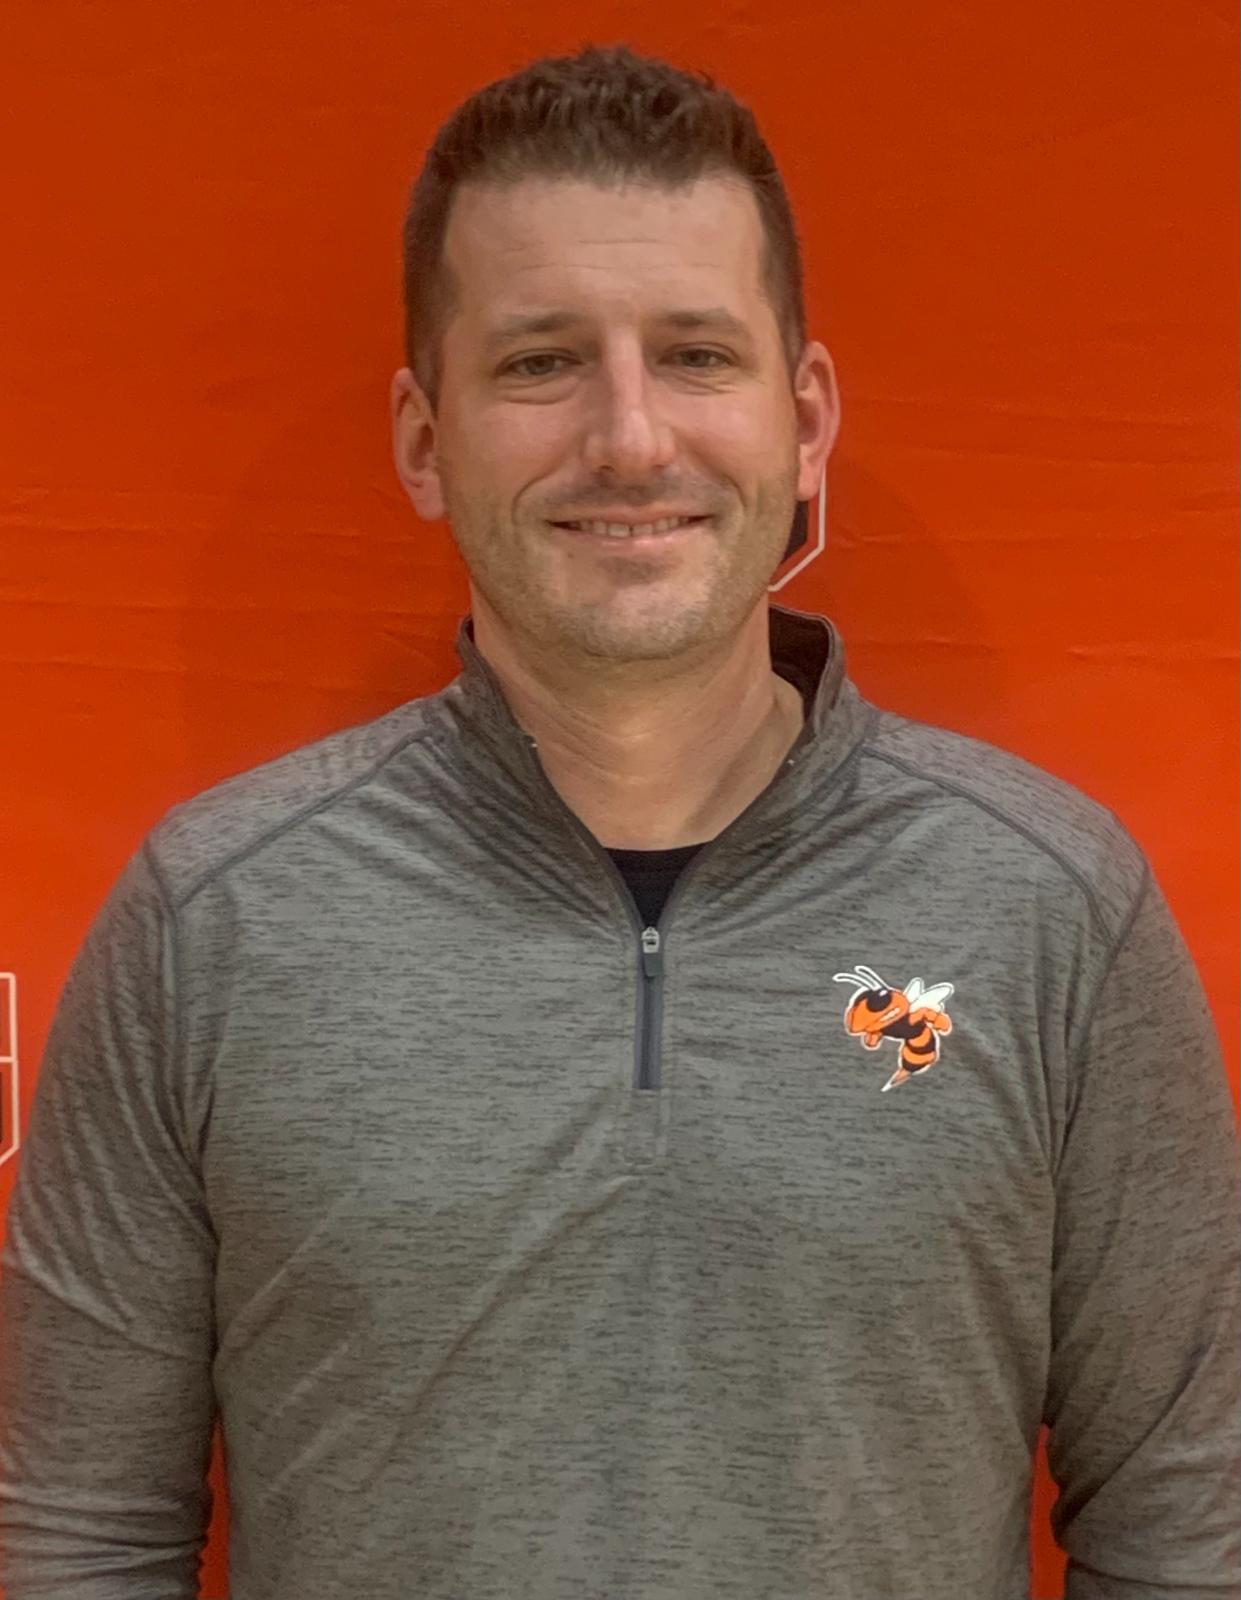 Brandon Winters Coach's Profile